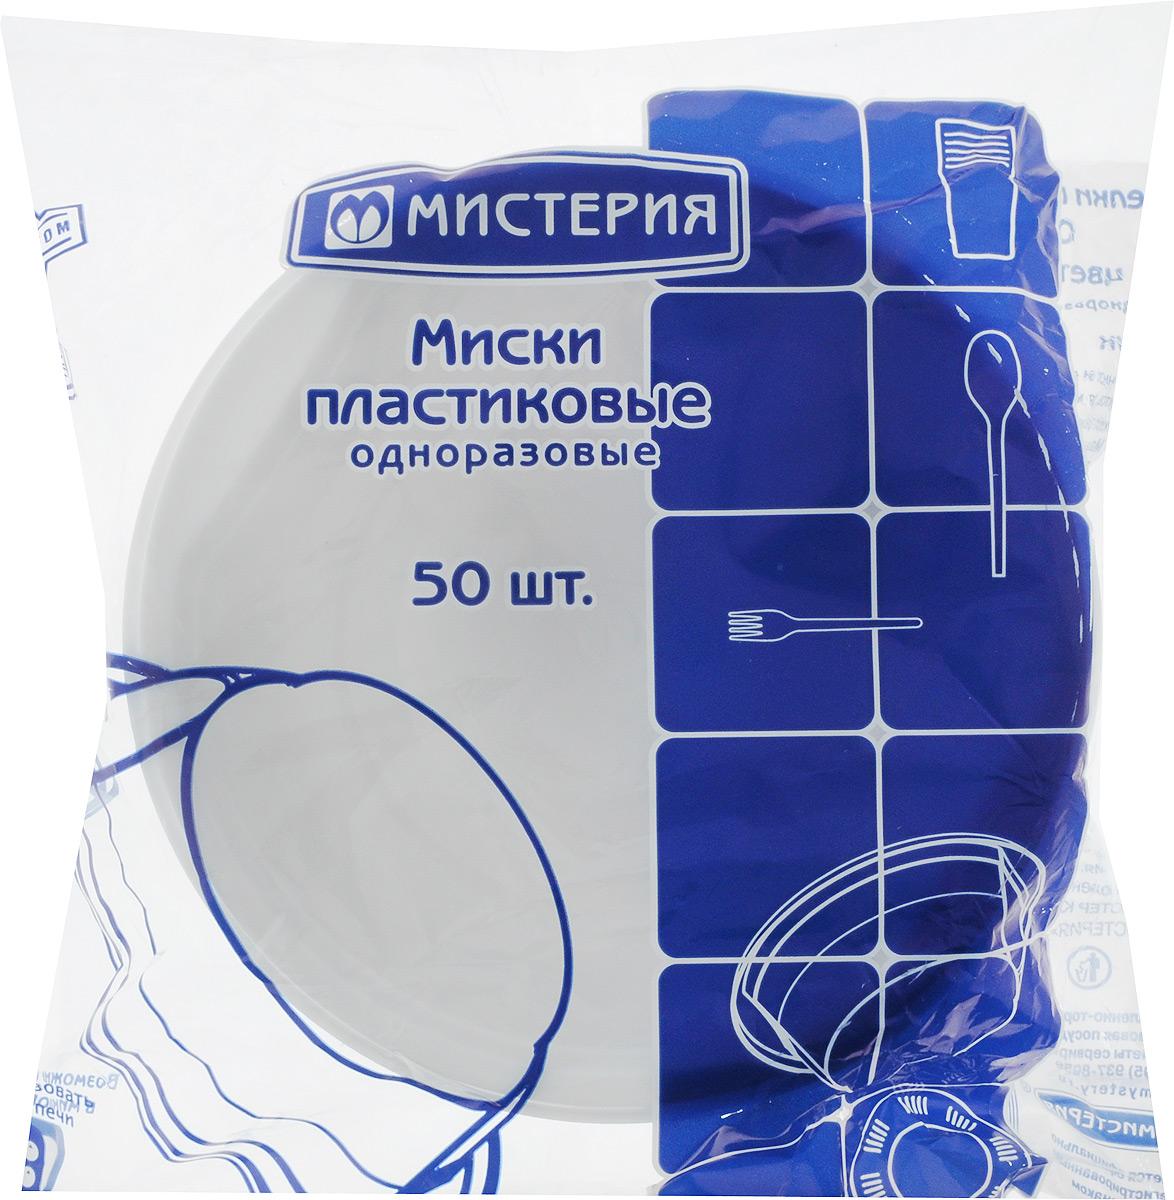 Тарелка одноразовая Мистерия, глубокая, цвет: белый, 350 мл, 50 шт121485Набор Мистерия состоит из 50 глубоких тарелок, выполненных из полипропилена и предназначенных для одноразового использования. Такие тарелки подходят для холодных и горячих пищевых продуктов. Одноразовые тарелки будут незаменимы при поездках на природу, пикниках и других мероприятиях. Они не займут много места, легки и самое главное - после использования их не надо мыть. Тарелки можно использовать в микроволновой печи в режиме разогрев.